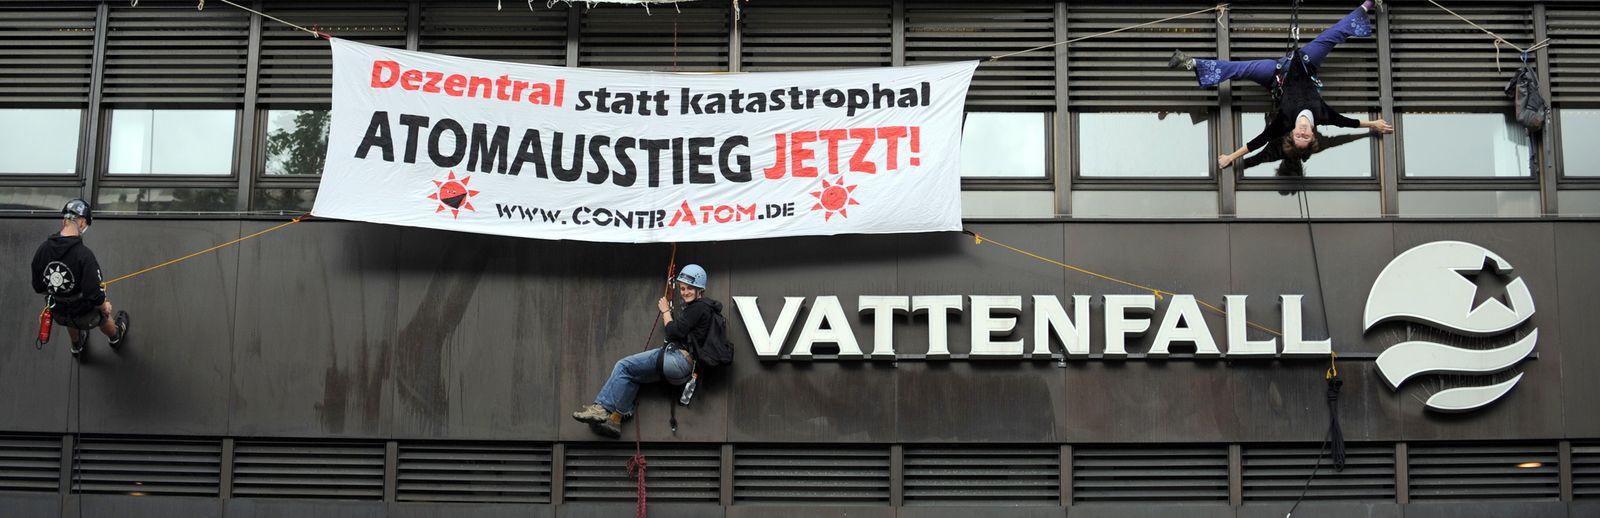 Protest gegen AKW Krümmel Vattenfall